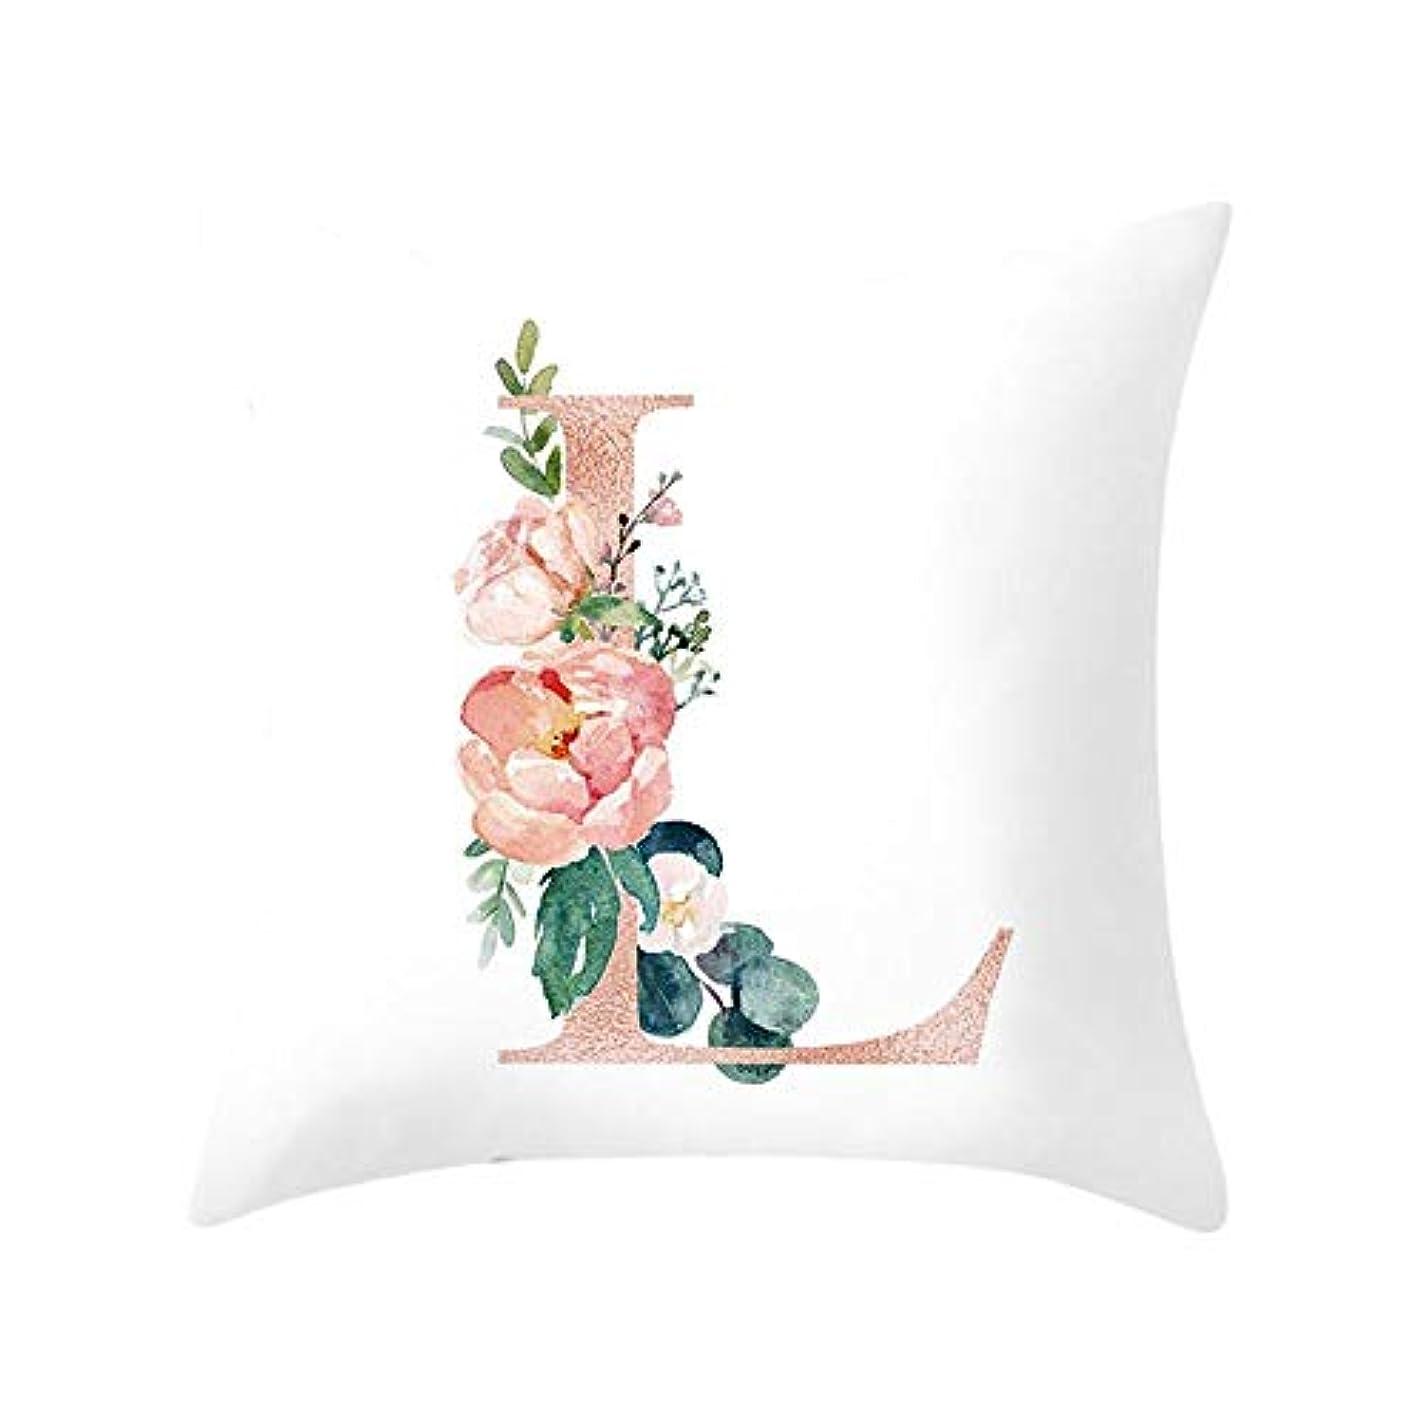 啓発する不測の事態暴動LIFE 装飾クッションソファ手紙枕アルファベットクッション印刷ソファ家の装飾の花枕 coussin decoratif クッション 椅子